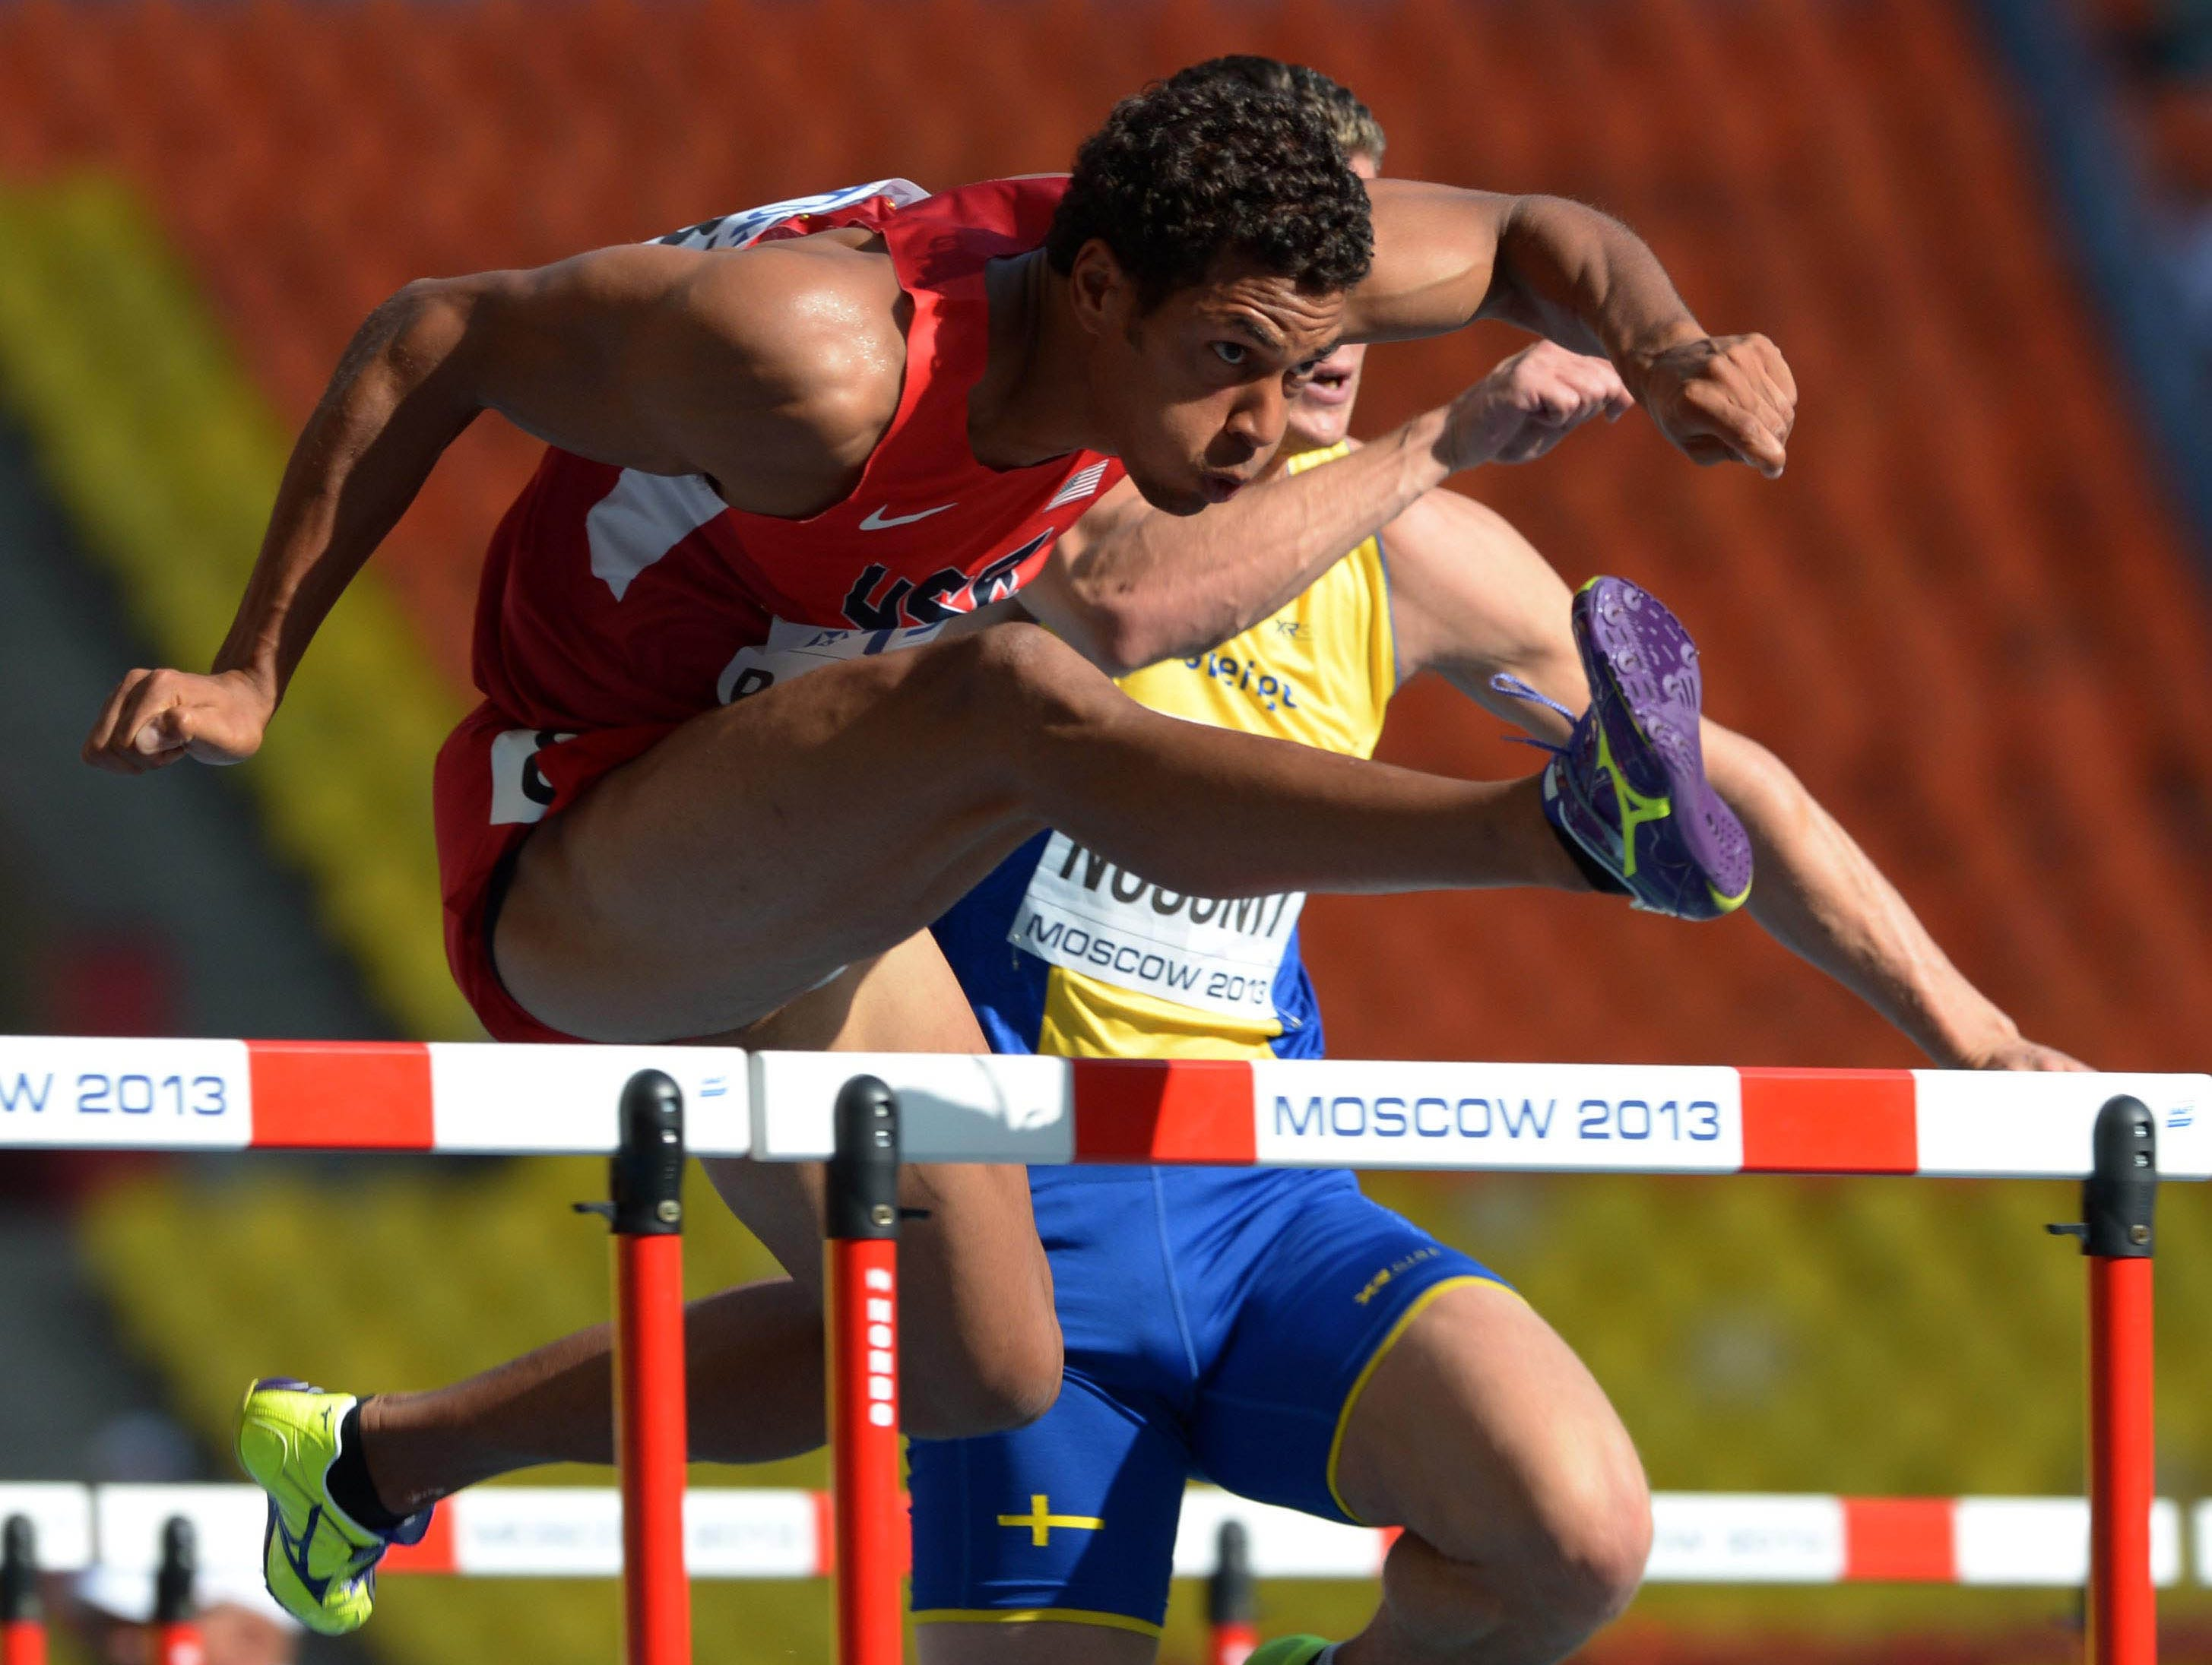 2013-8-11-ryan-wilson-hurdles-worlds